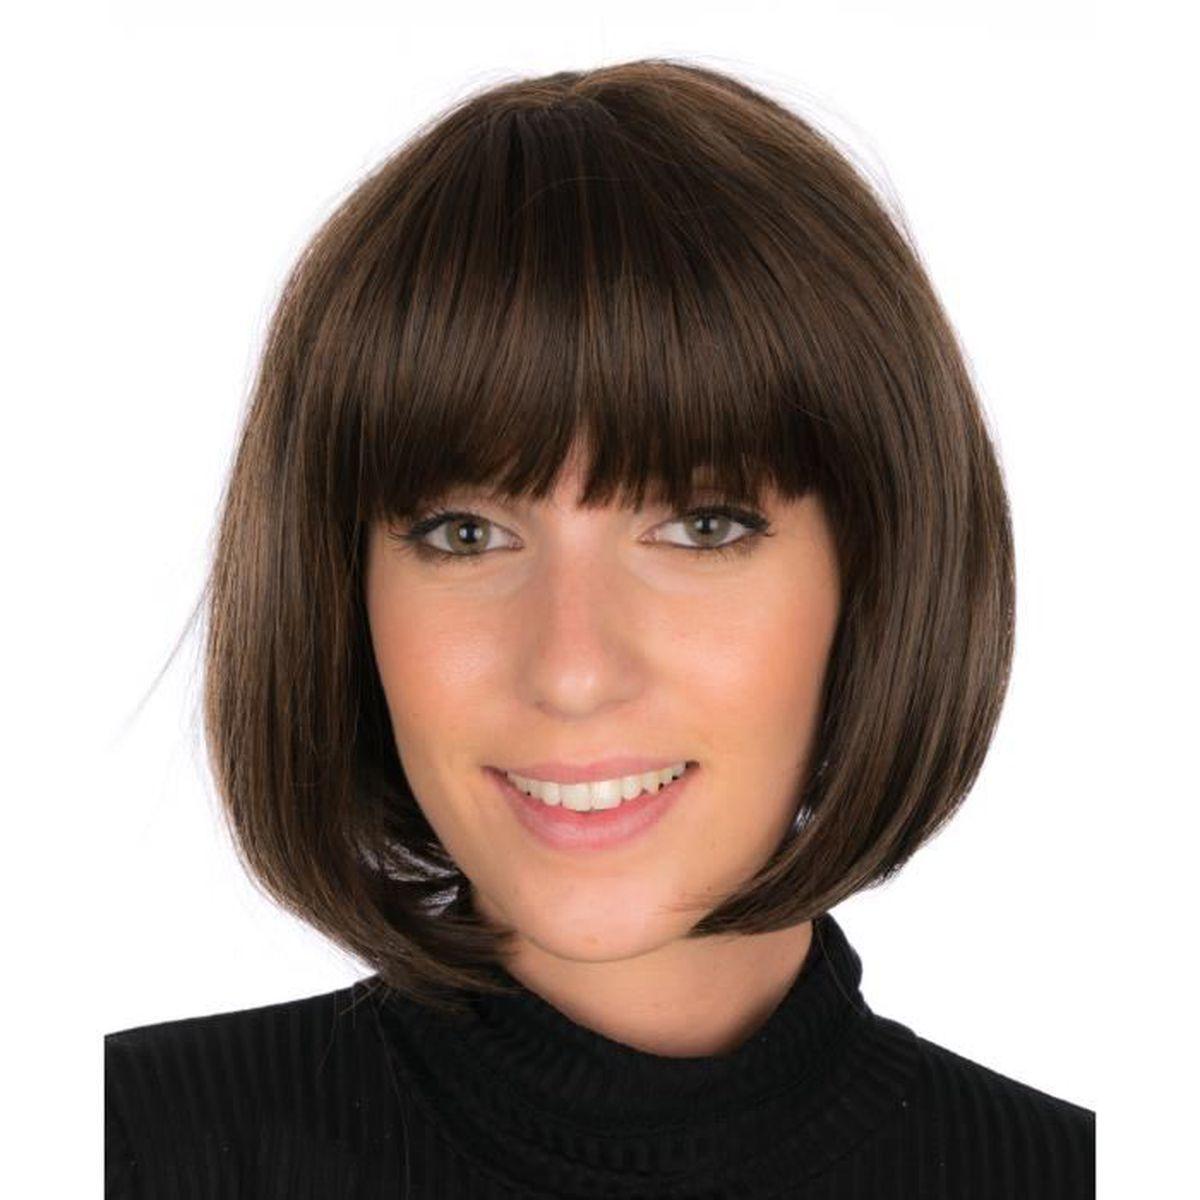 Perruque De Luxe Carre Plongeant Avec Frange Tres Grande Qualite Cheveux Synthetique Femme Chatain Achat Vente Perruque Postiche Perruque De Luxe Carre Plon Cdiscount